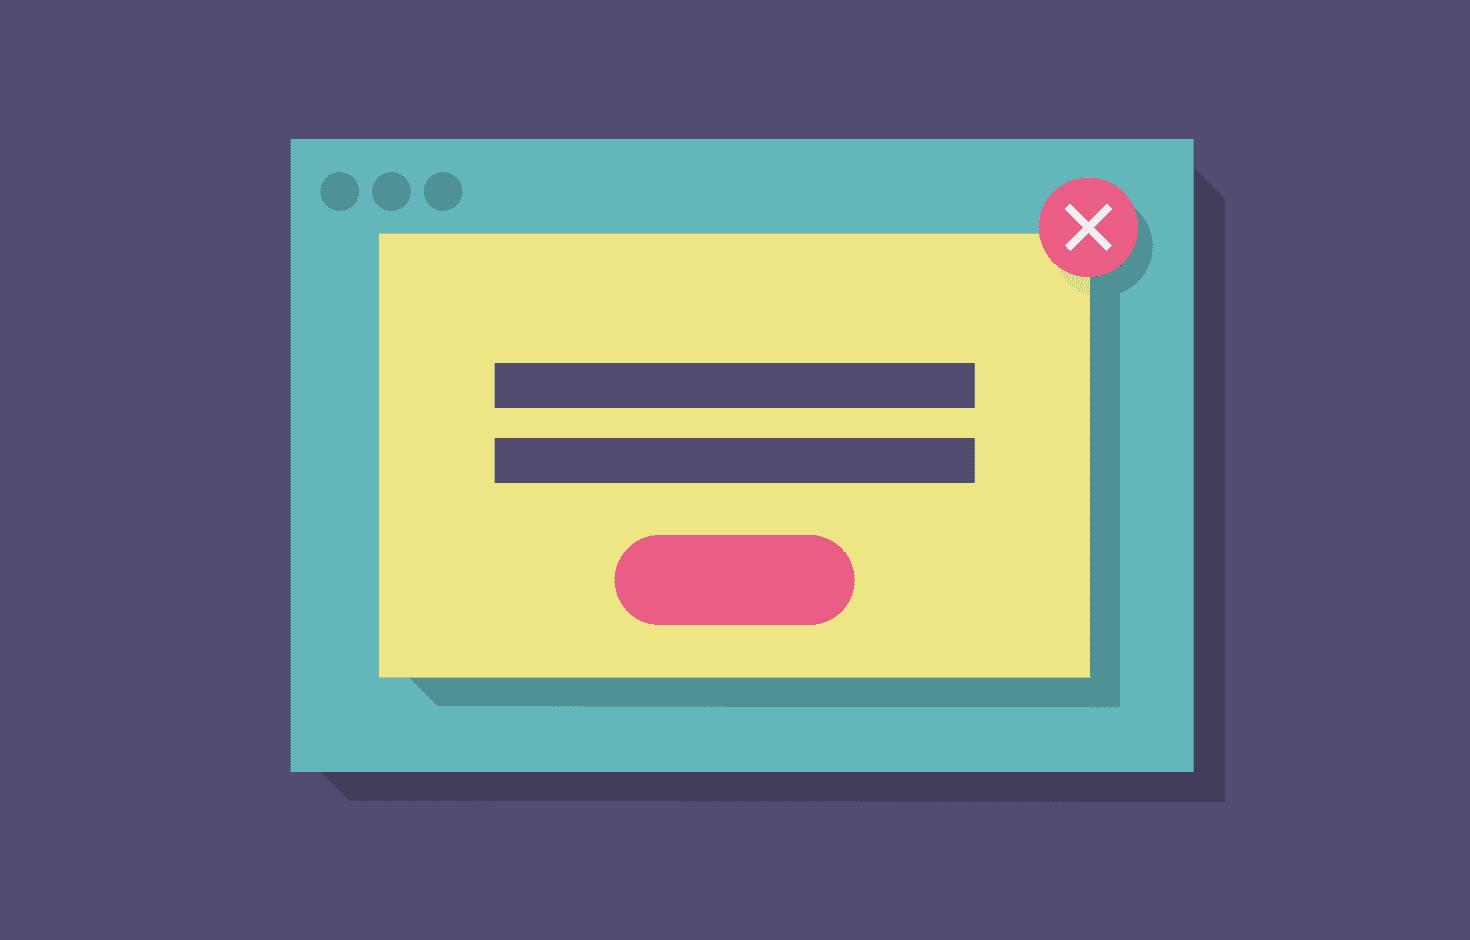 Thủ thuật tạo cửa sổ Popup đơn giản bằng JQUERY cho Blogspot